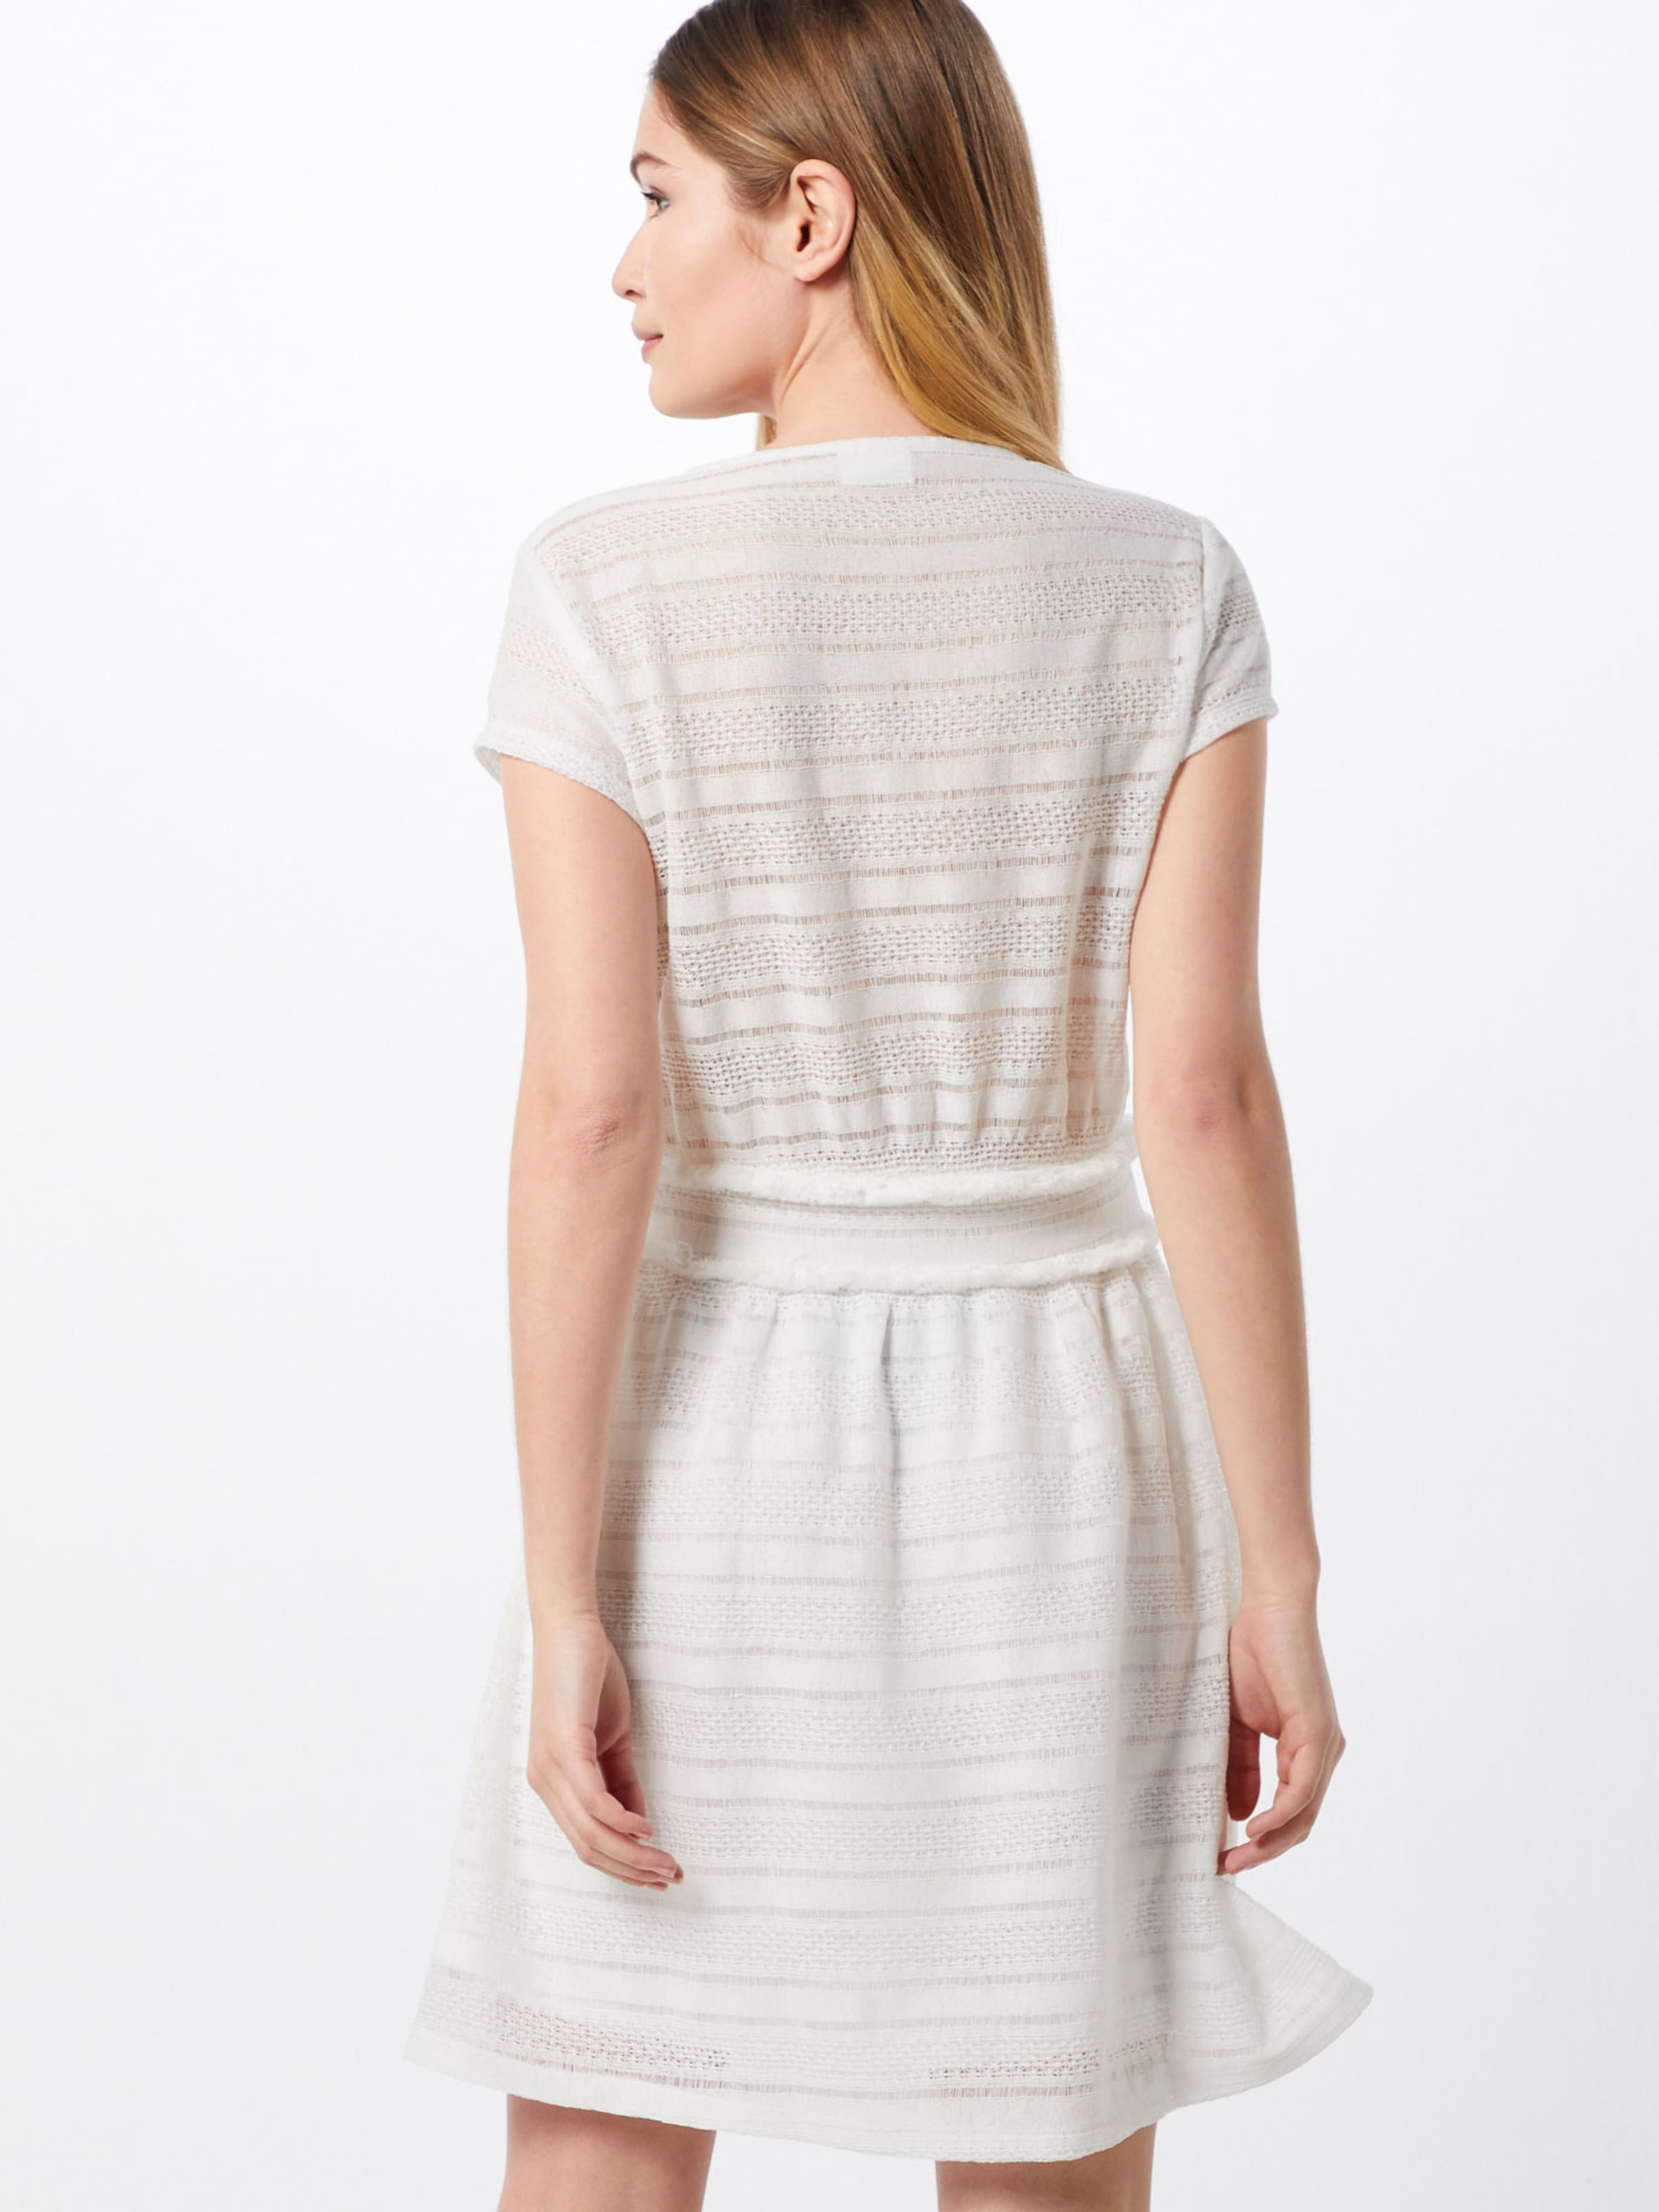 Kleid Weiß Vila 'vifringi' In Vila v0wmON8n